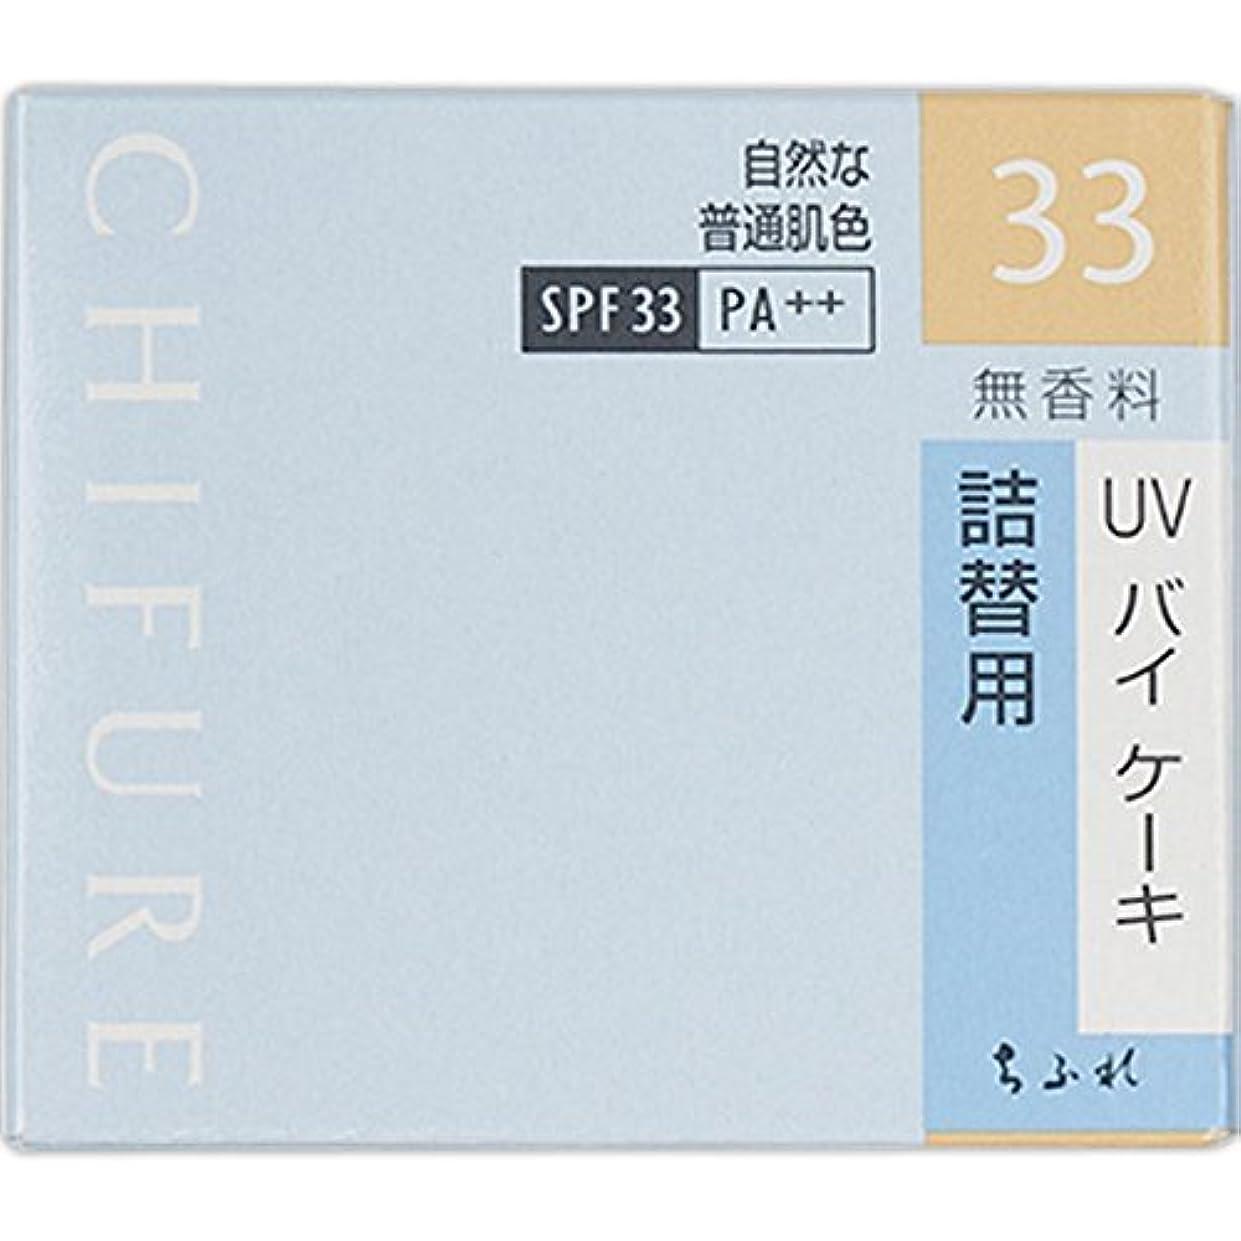 所持なるナイトスポットちふれ化粧品 UV バイ ケーキ 詰替用 33 自然な普通肌色 14g